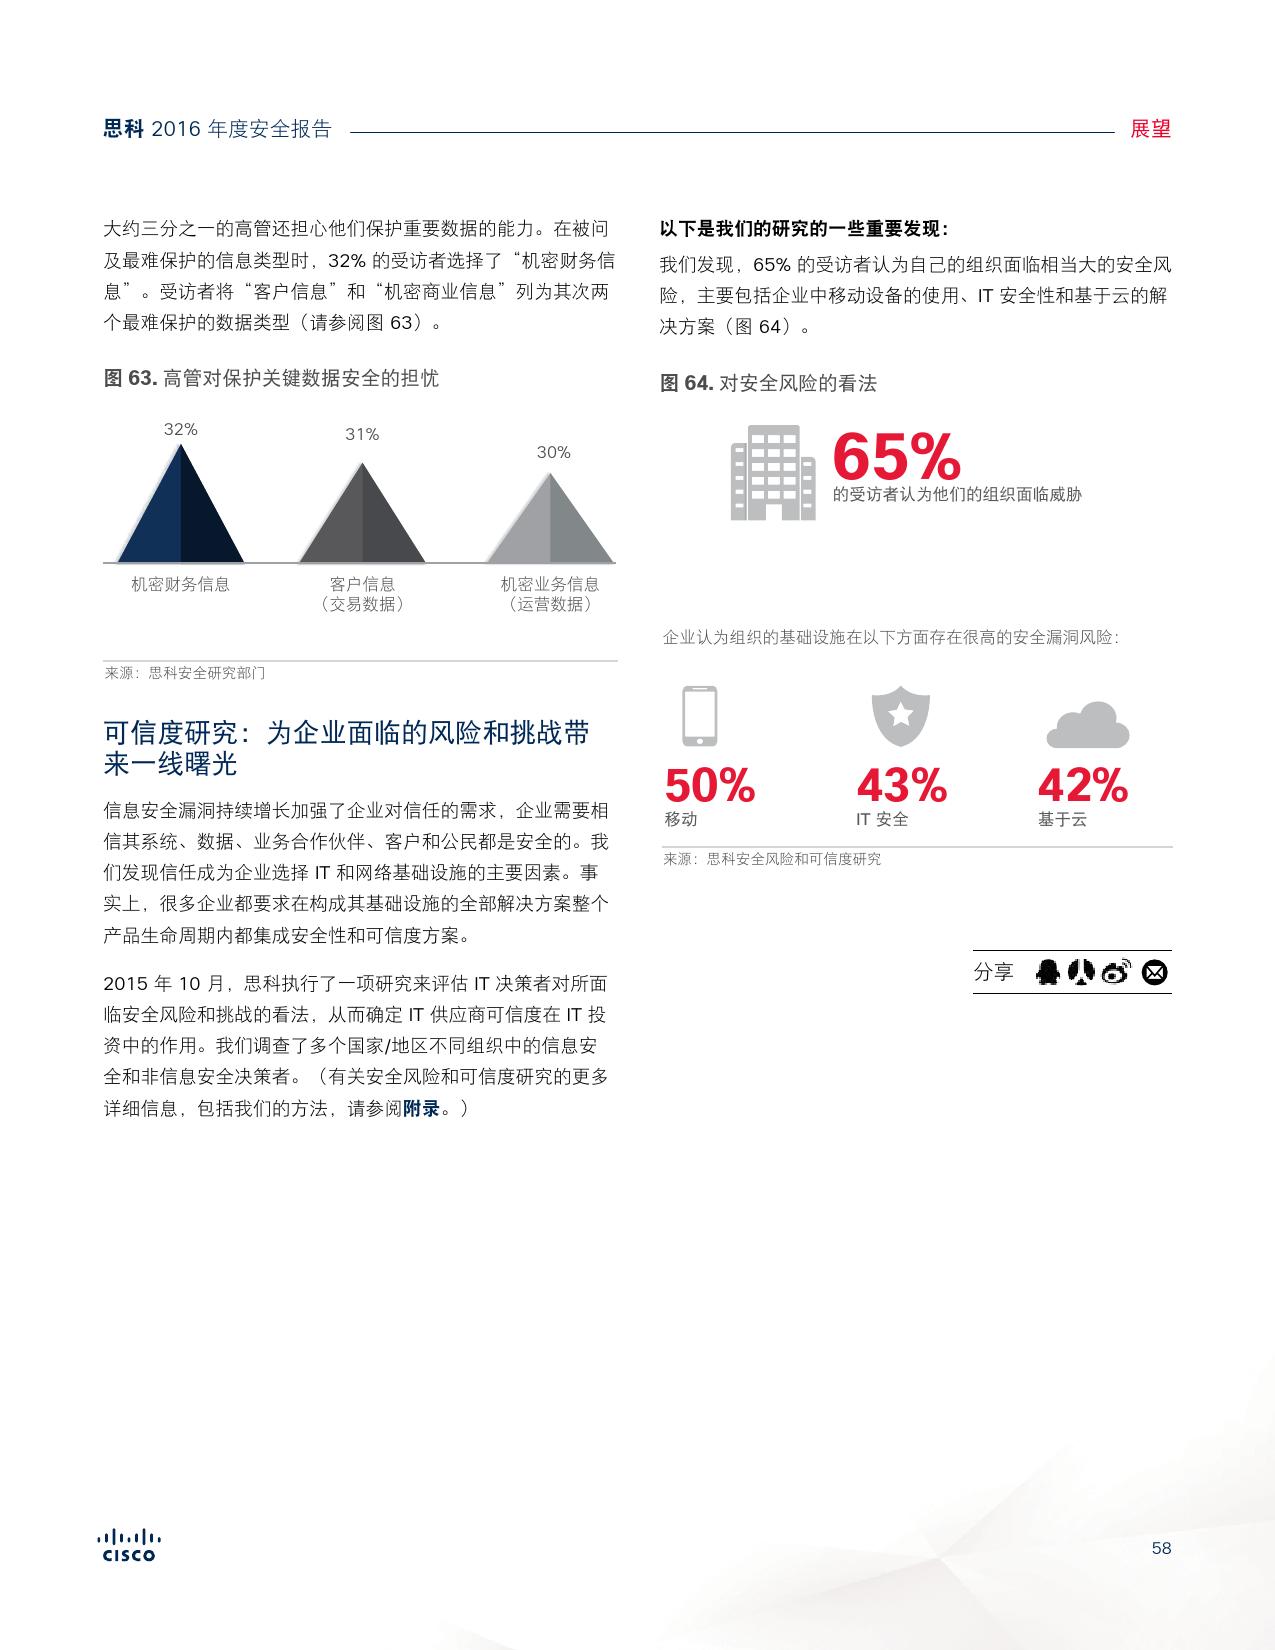 2016年中网络安全报告_000058